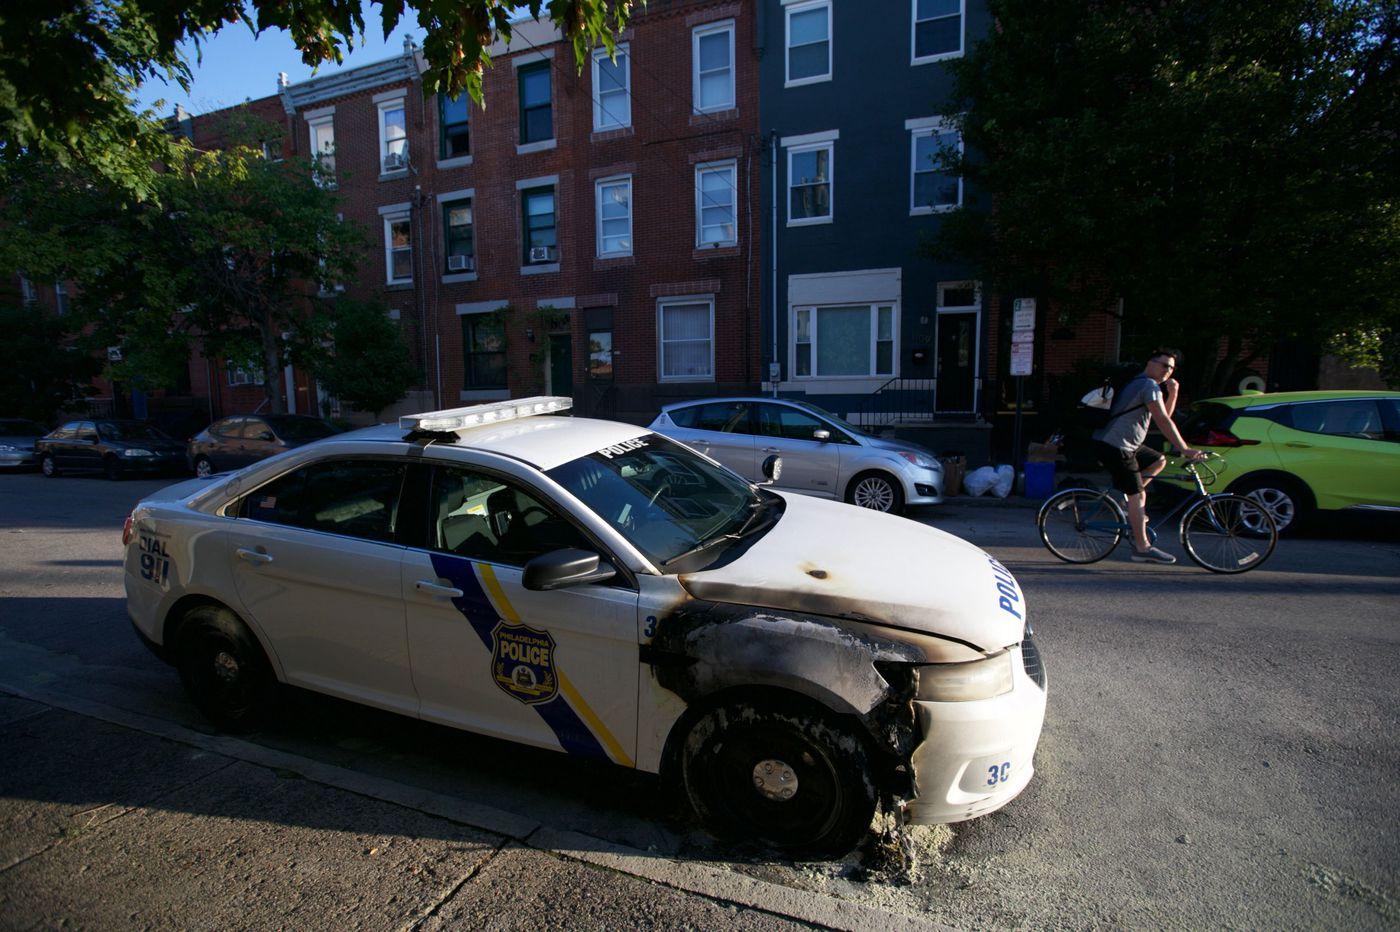 Police car burned in South Philadelphia